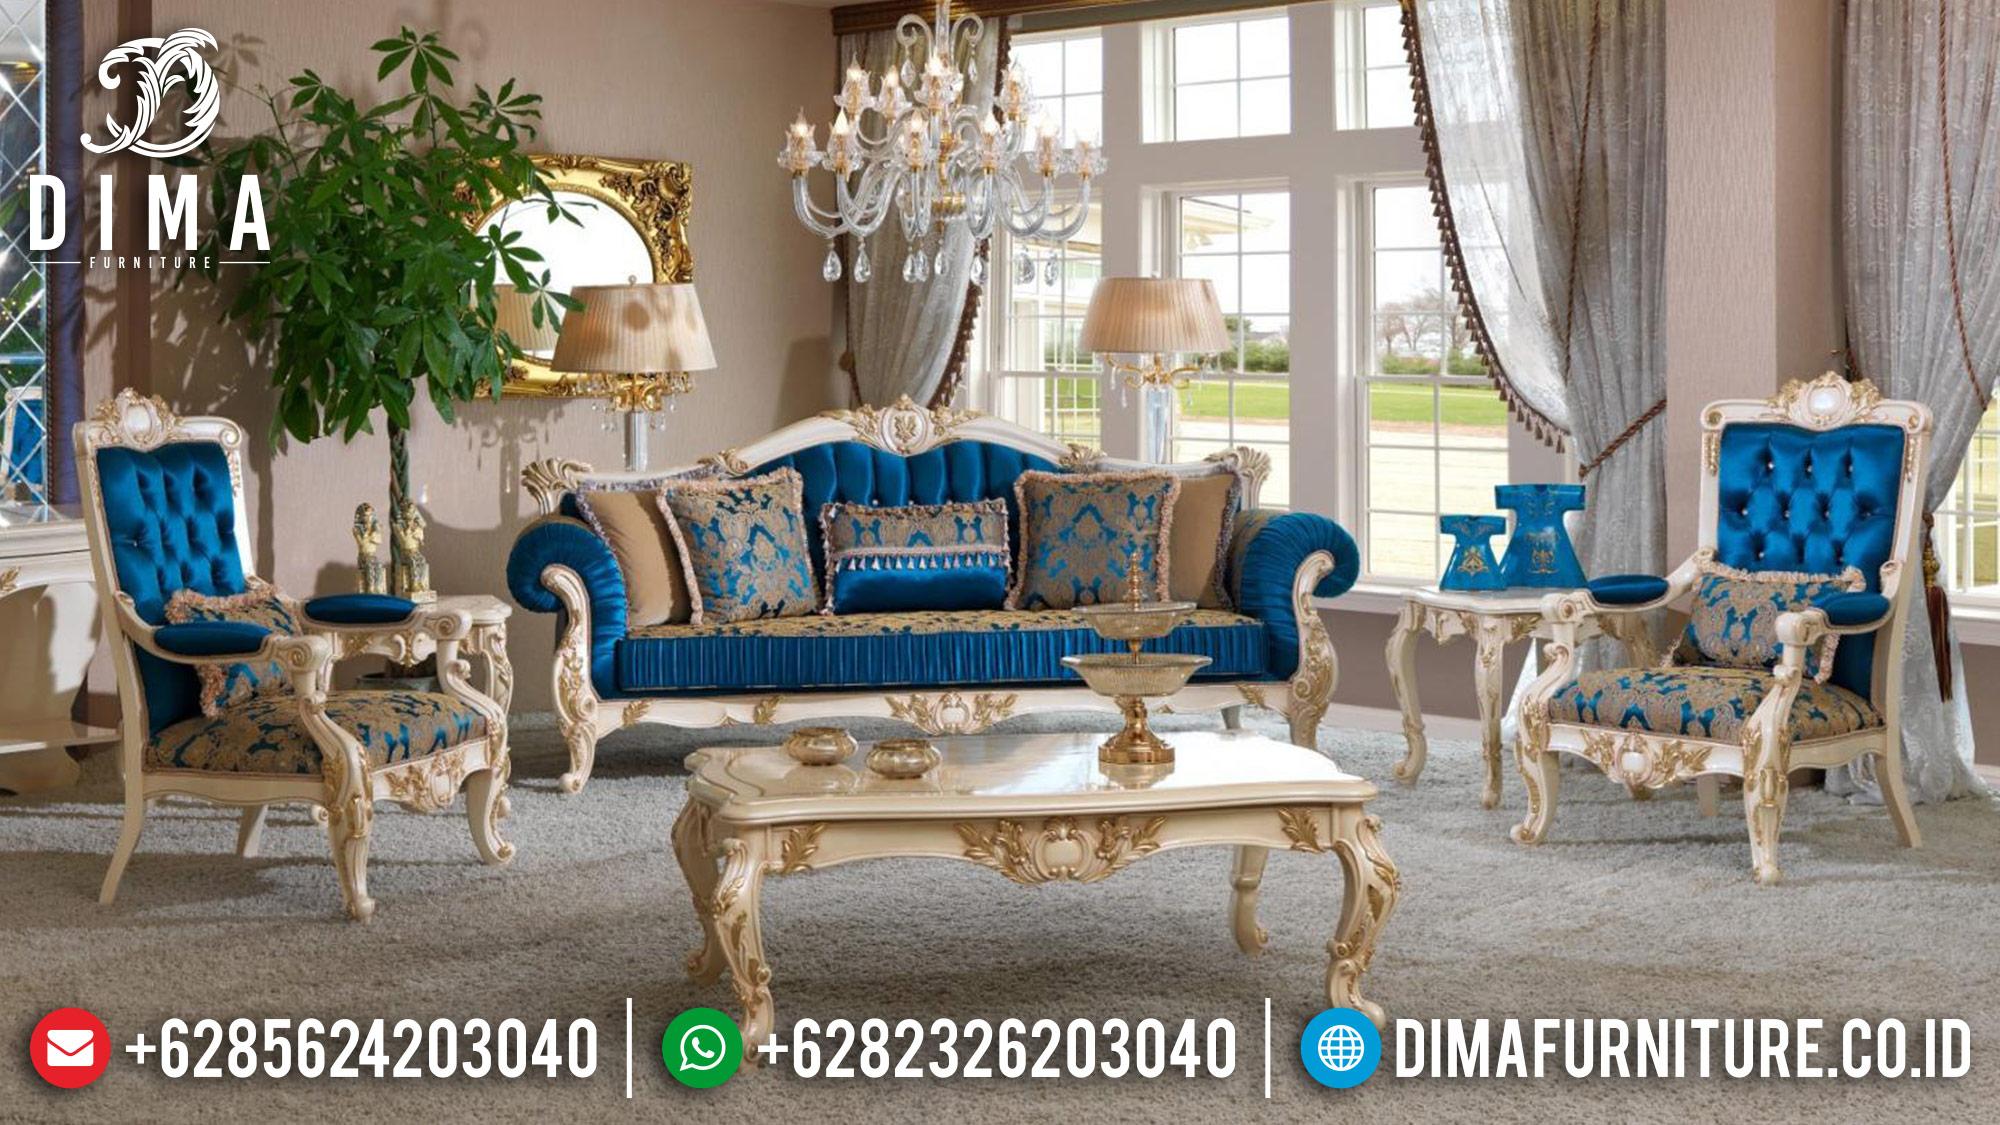 Sofa Tamu Mewah Terbaru Jepara 05 Dima Furniture Jepara